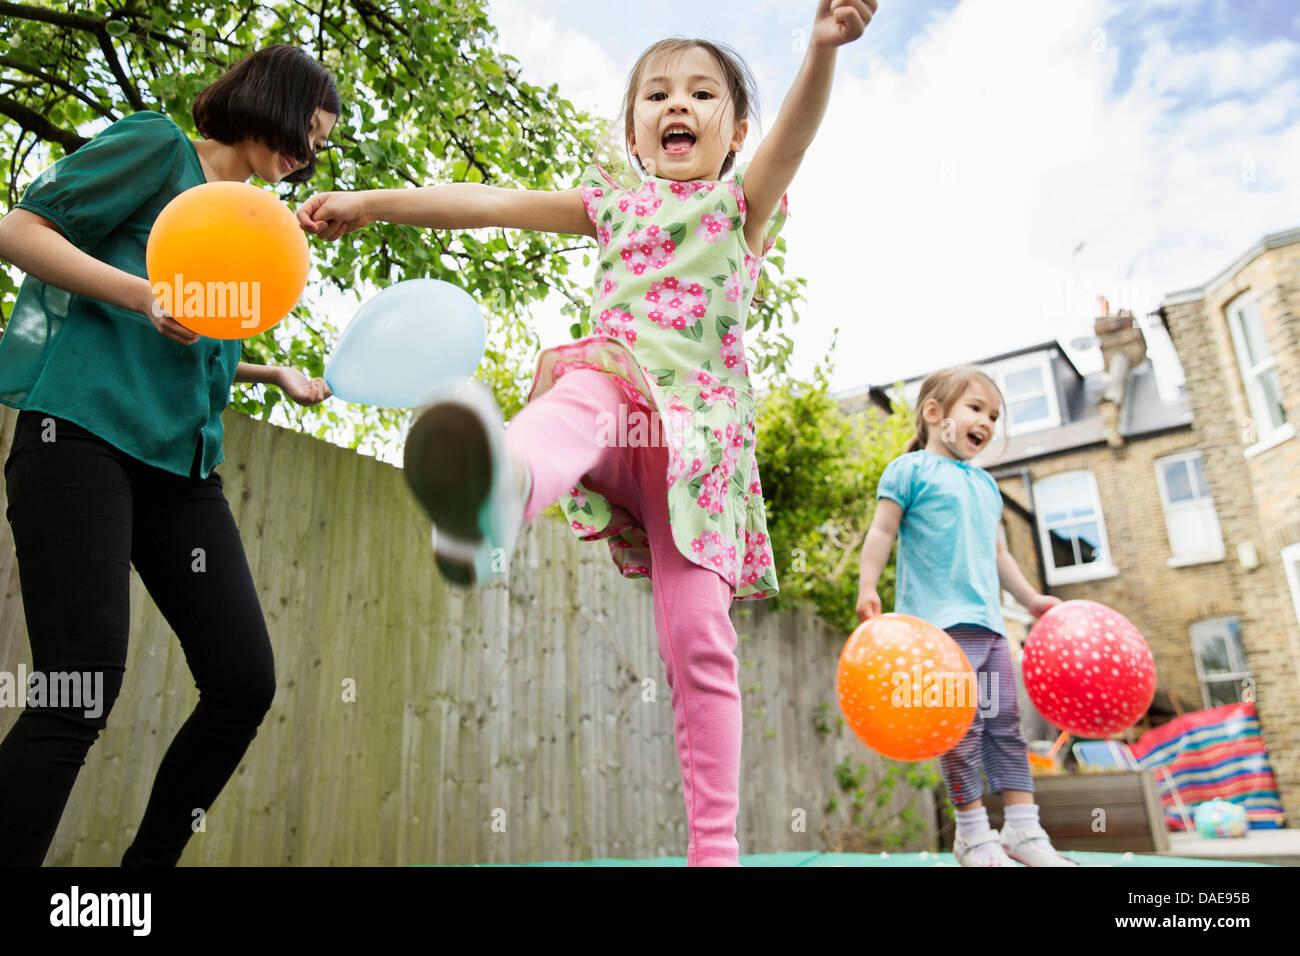 La madre e le figlie a giocare in giardino con palloncini Immagini Stock